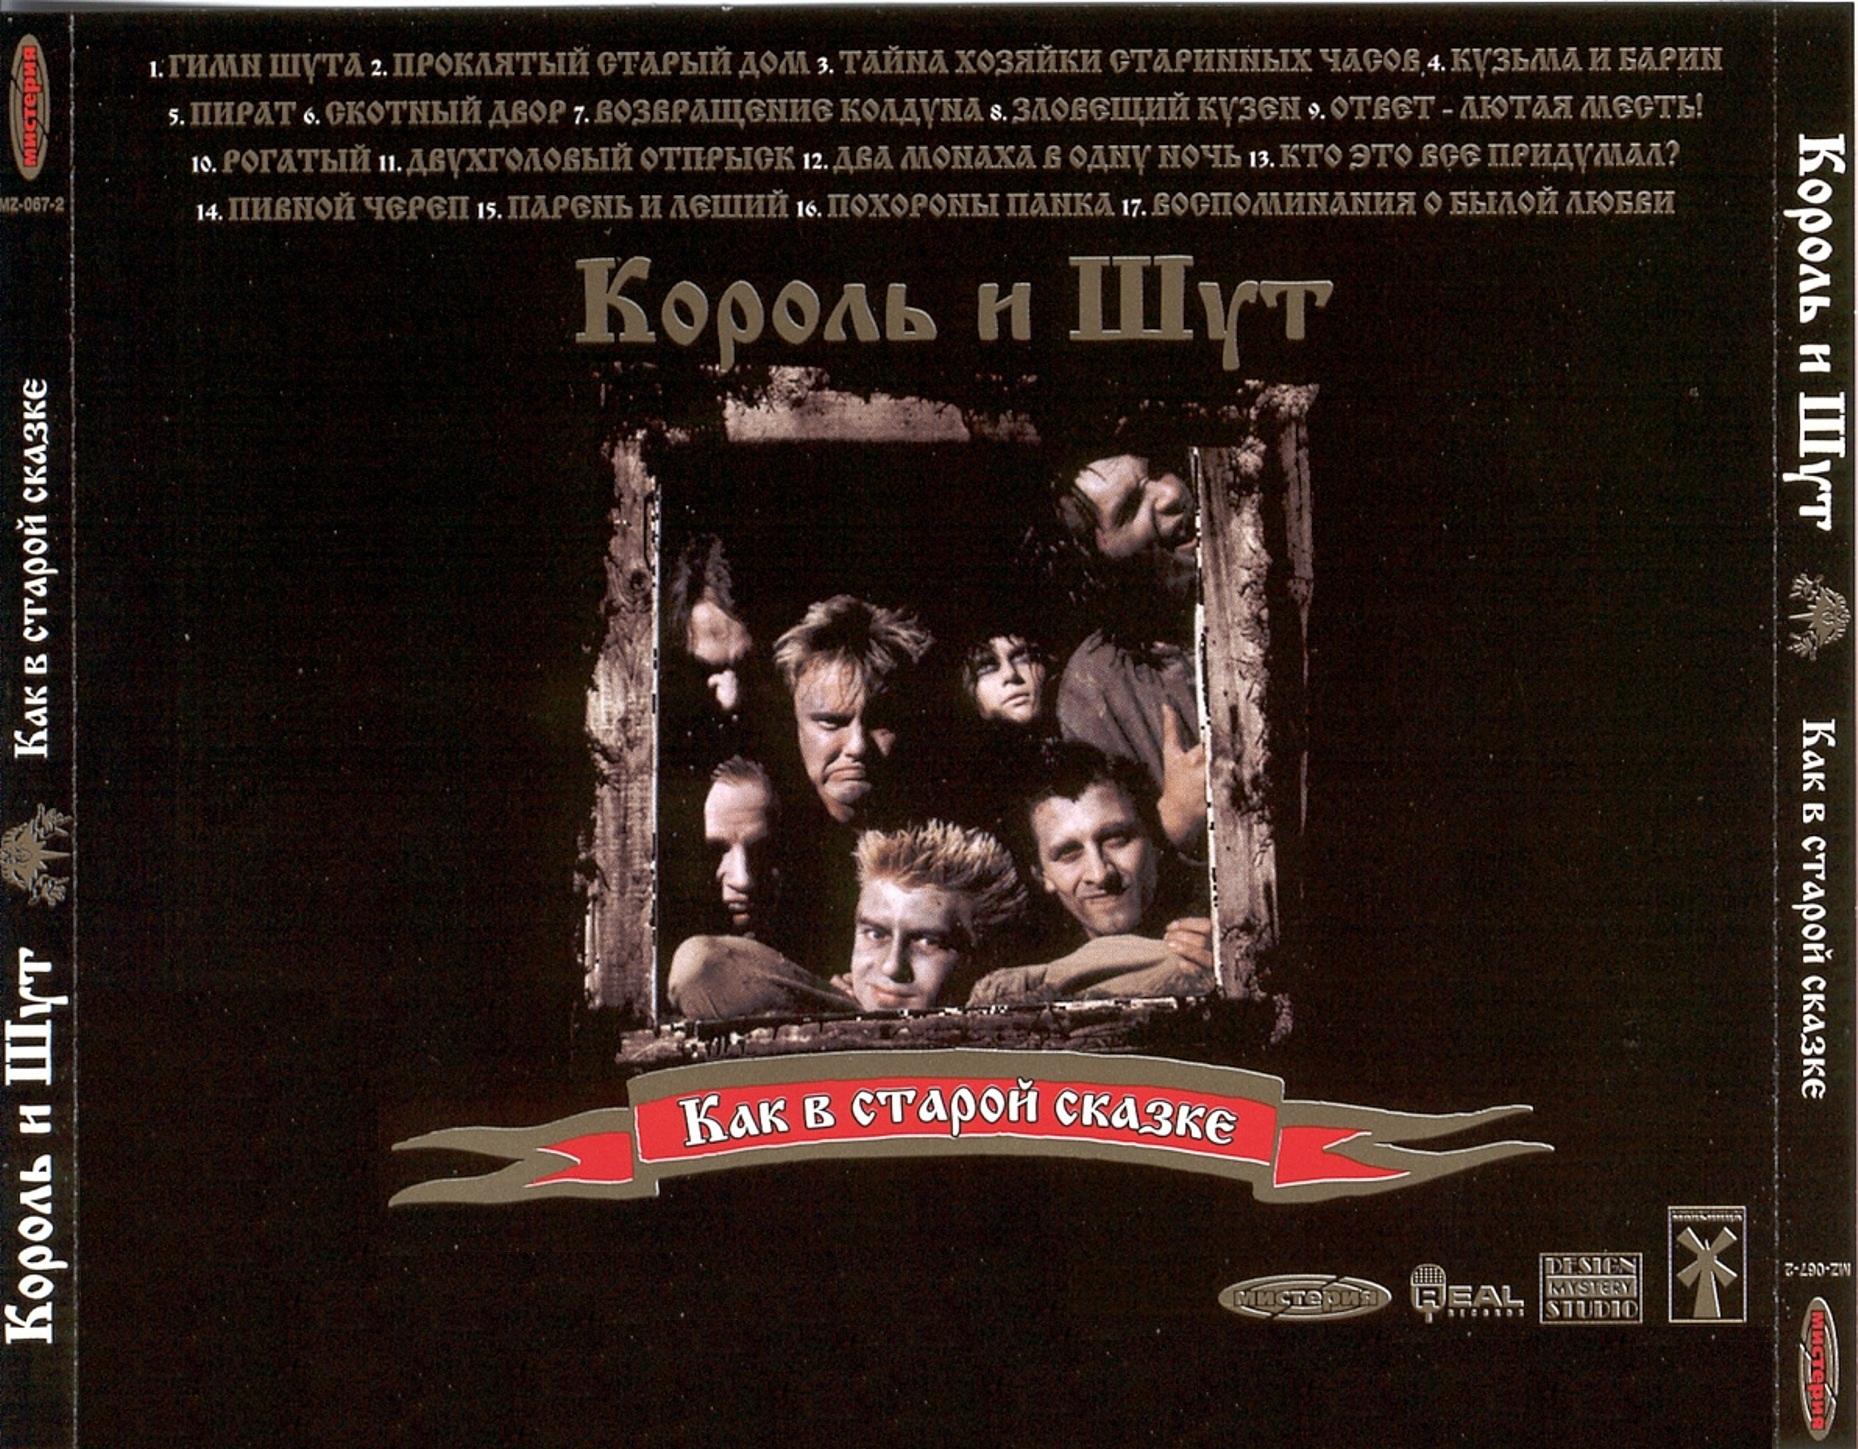 Группа Король и Шут (КиШ) - Как в старой сказке (альбом)